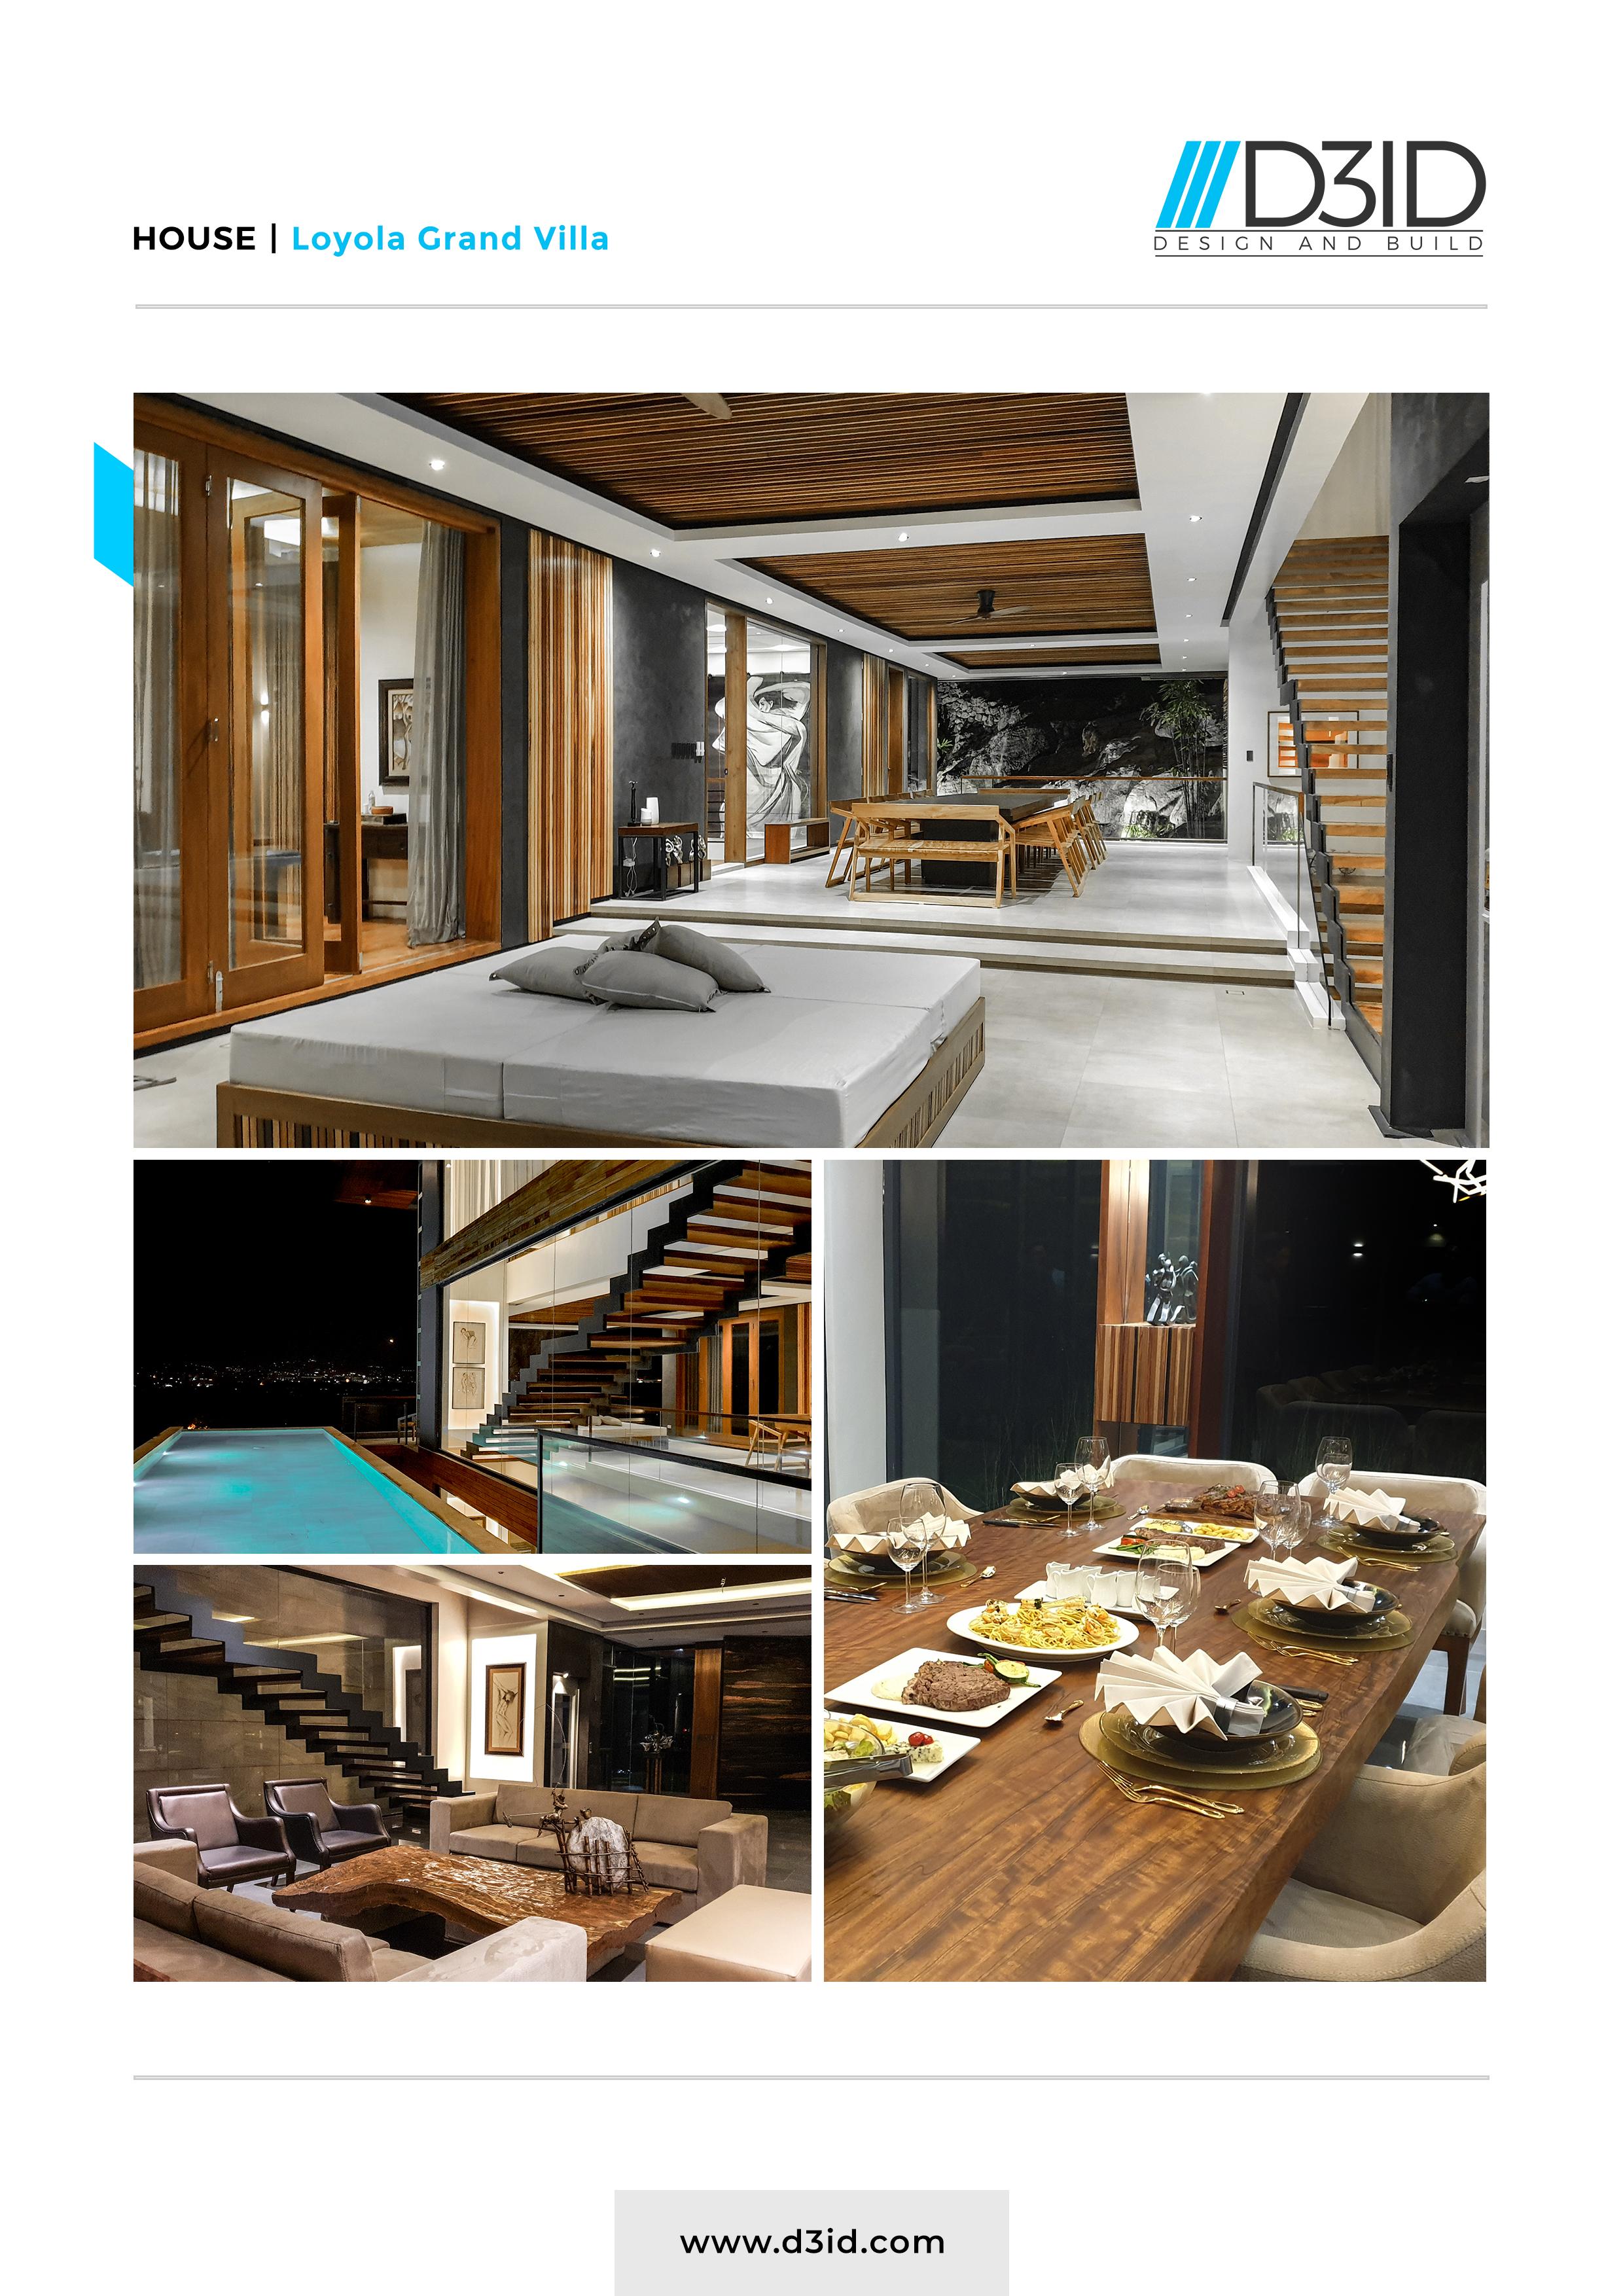 D3ID Interior Design